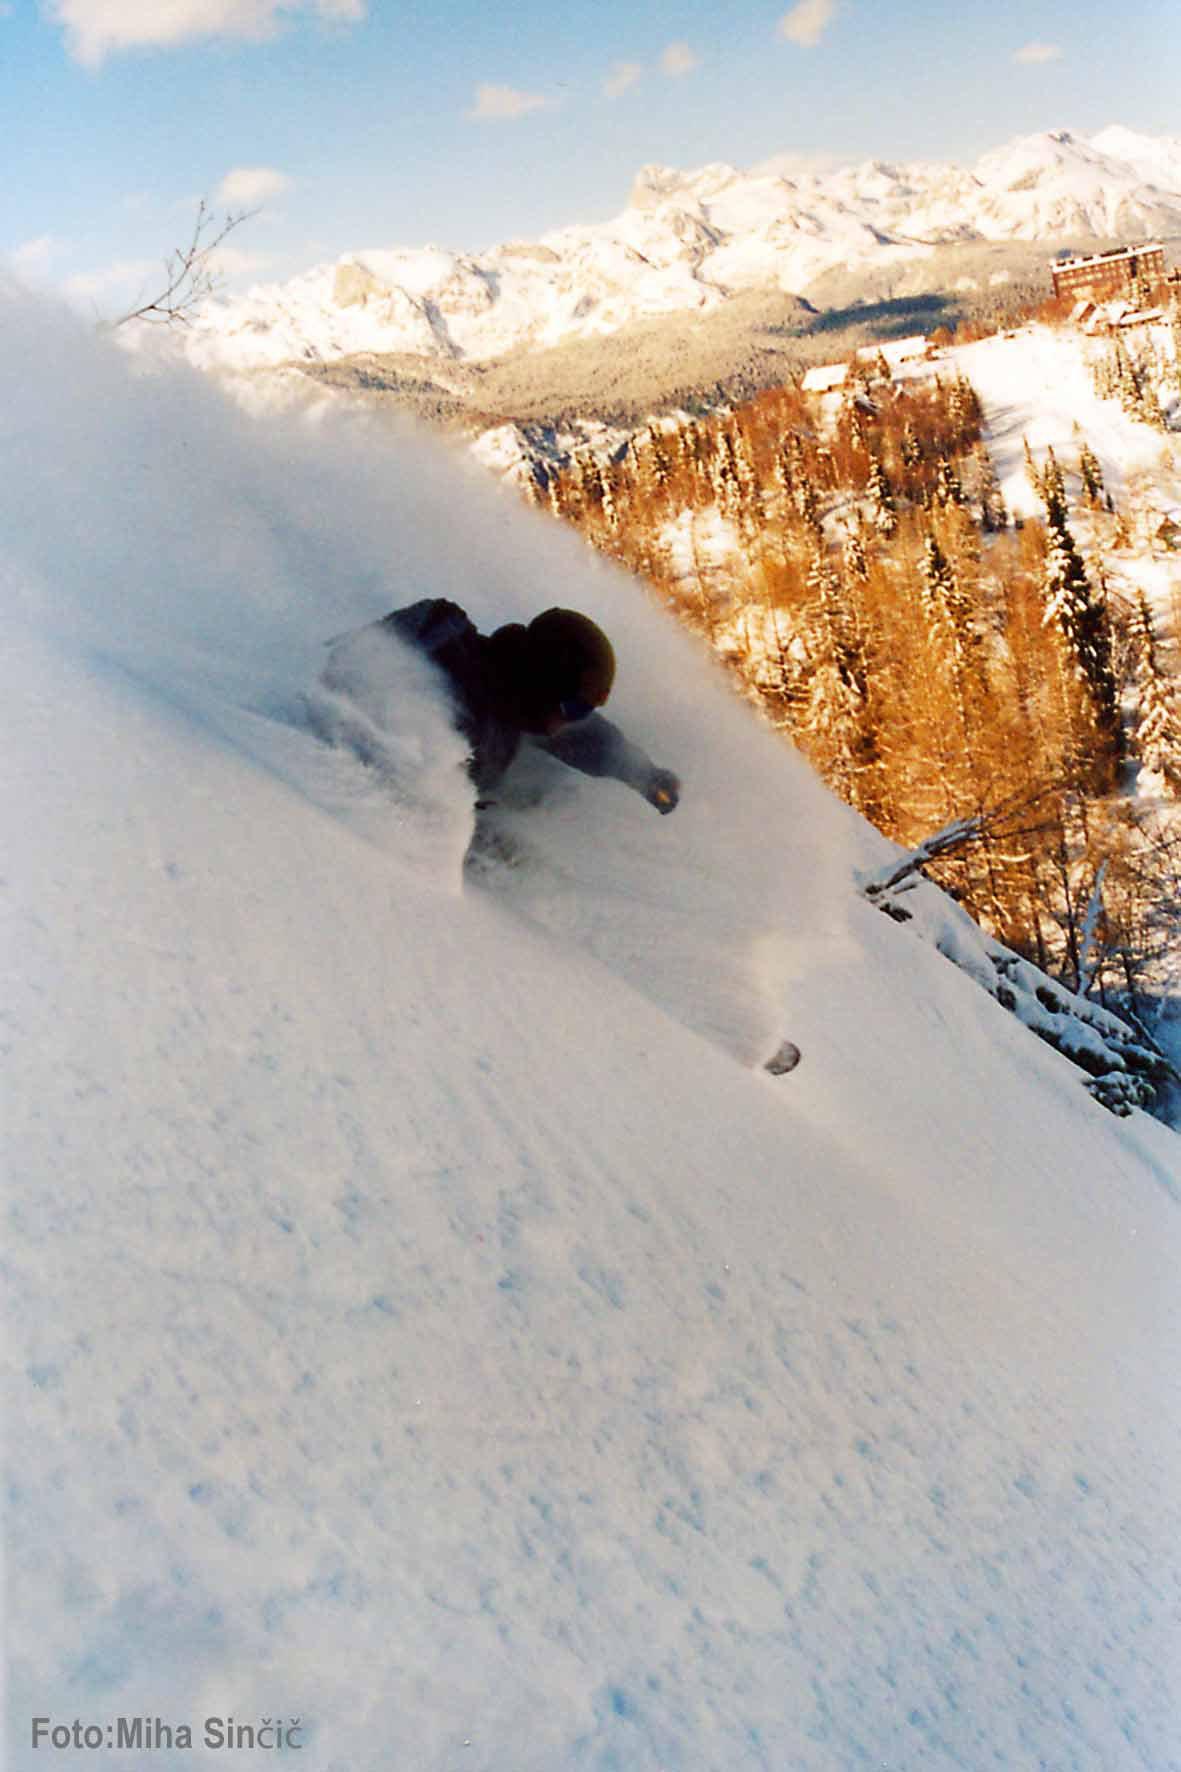 Vogel2 22.3.2007